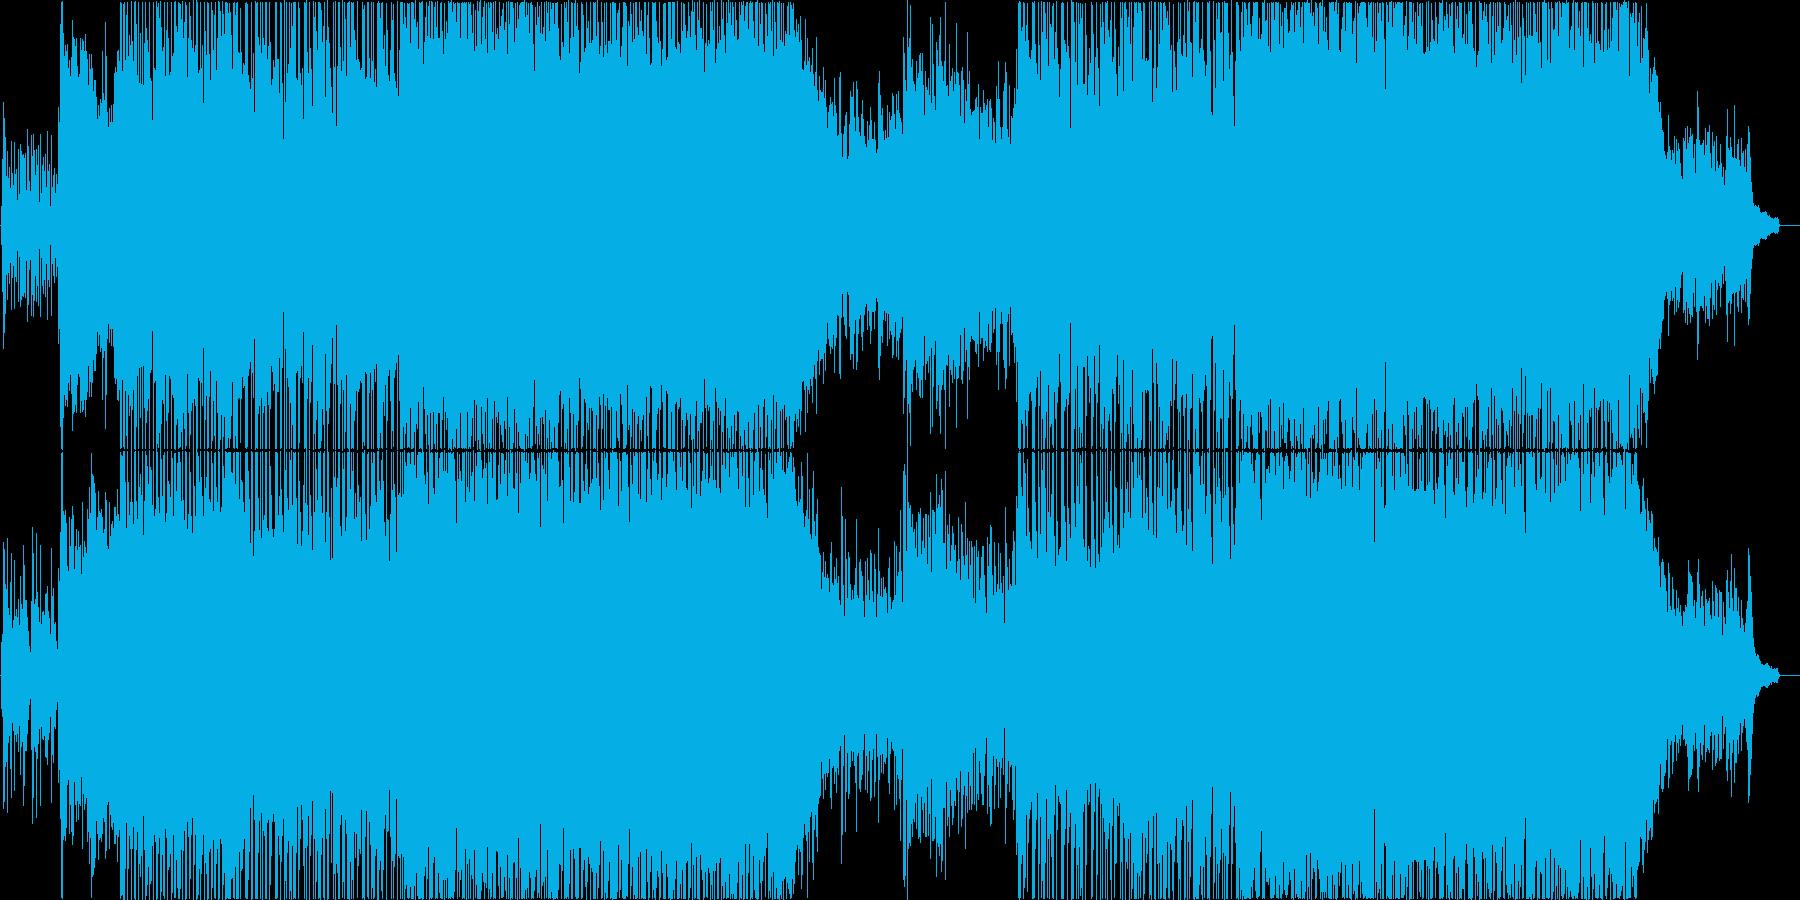 企業VP向け明るく爽やかなピアノバンド曲の再生済みの波形